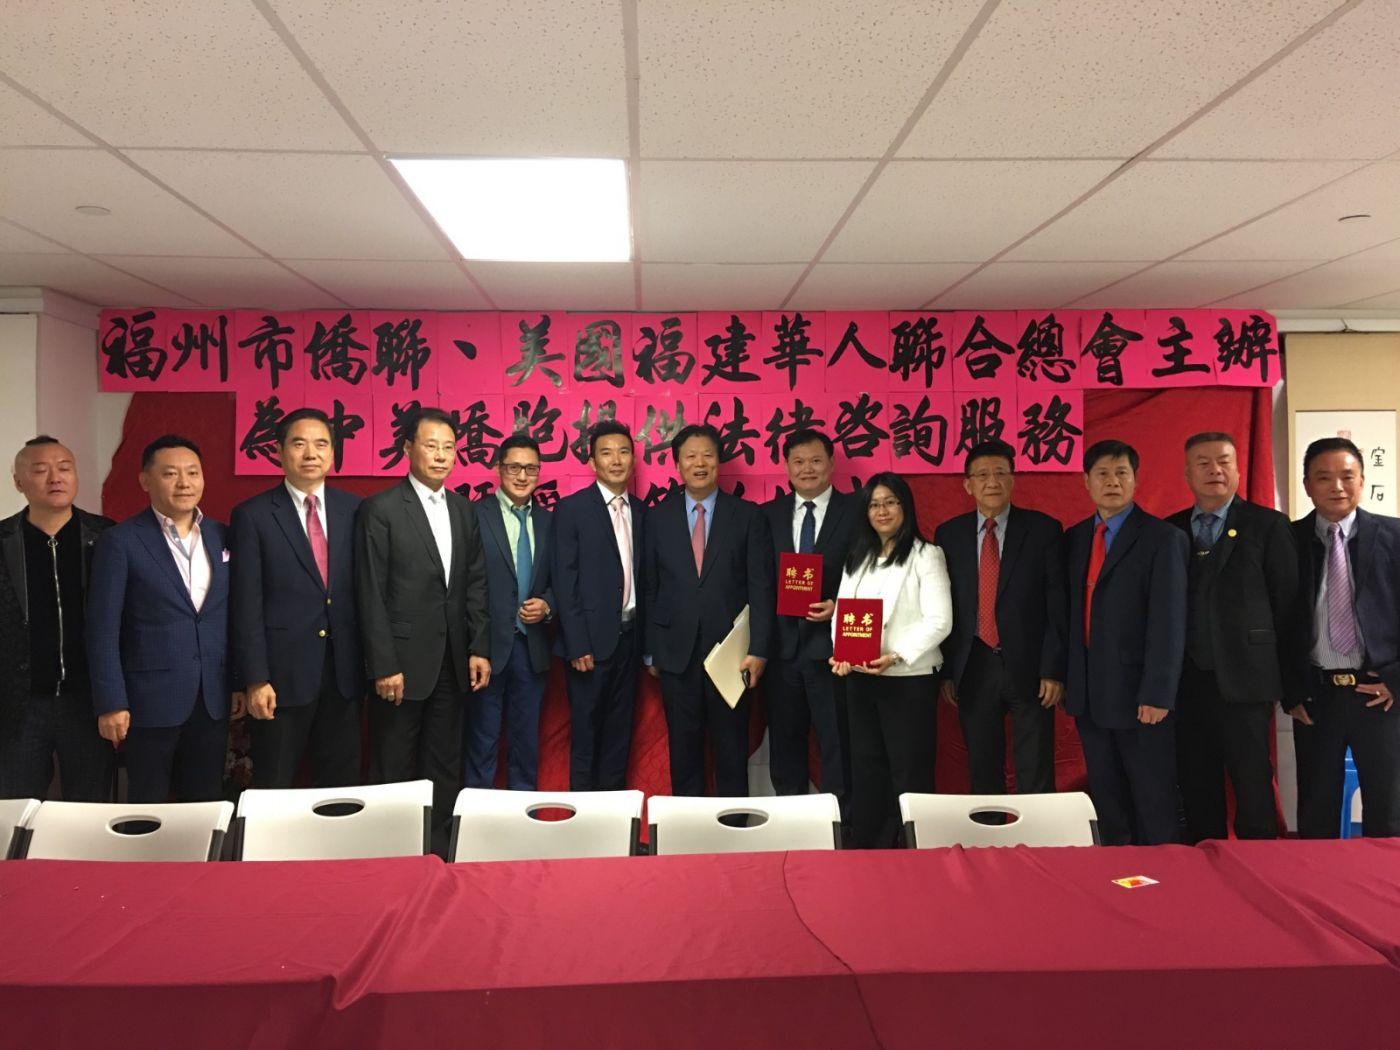 美国福建华人联合会欢迎福州市侨联主席蓝桂兰访美代表团一行 ... ..._图1-16